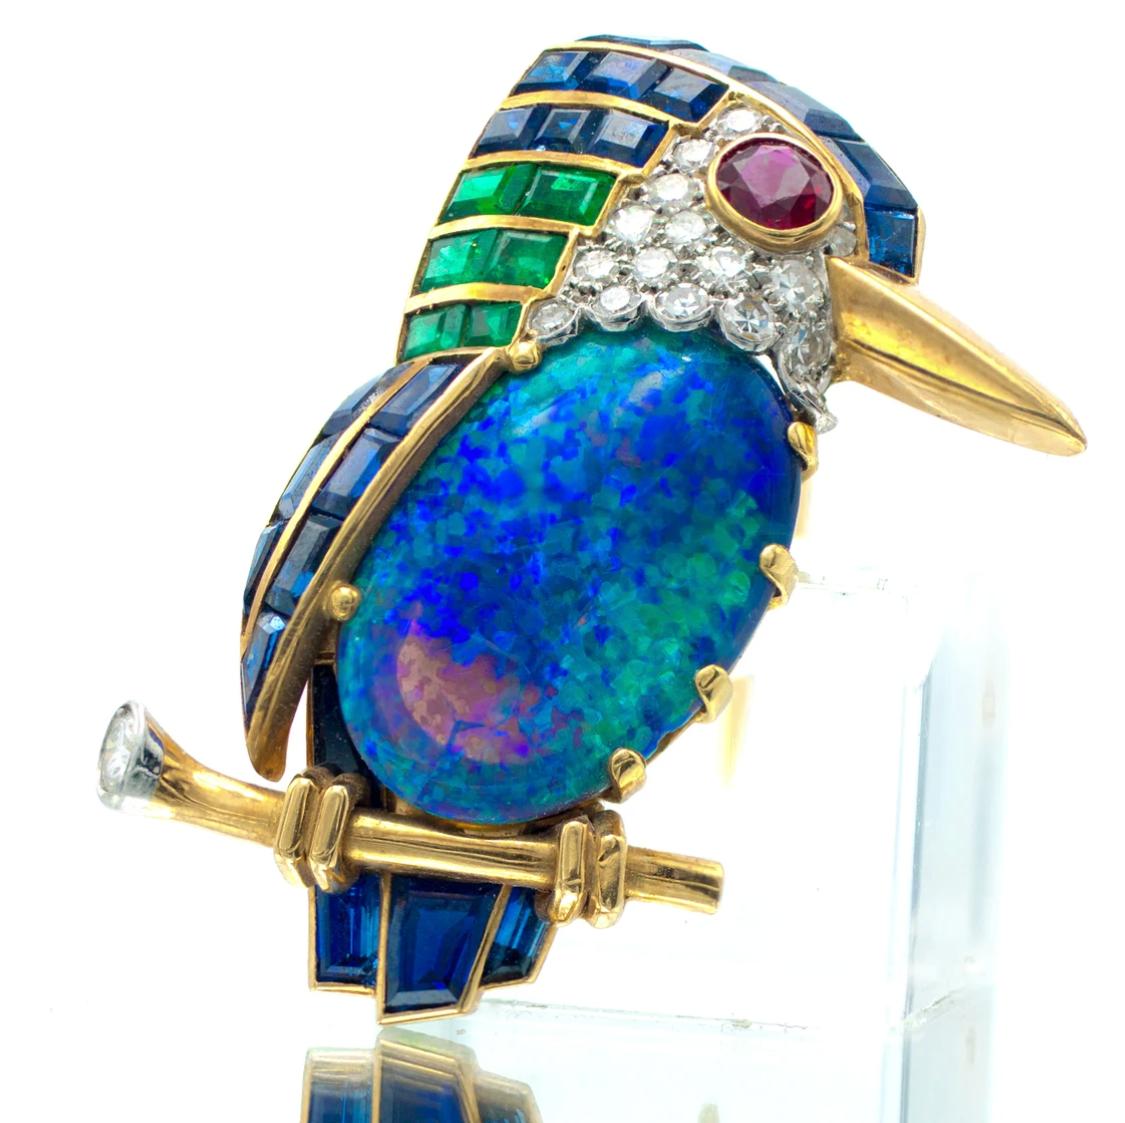 Vintage Cartier London Kingfisher Bird Brooch - Australian Black Opal